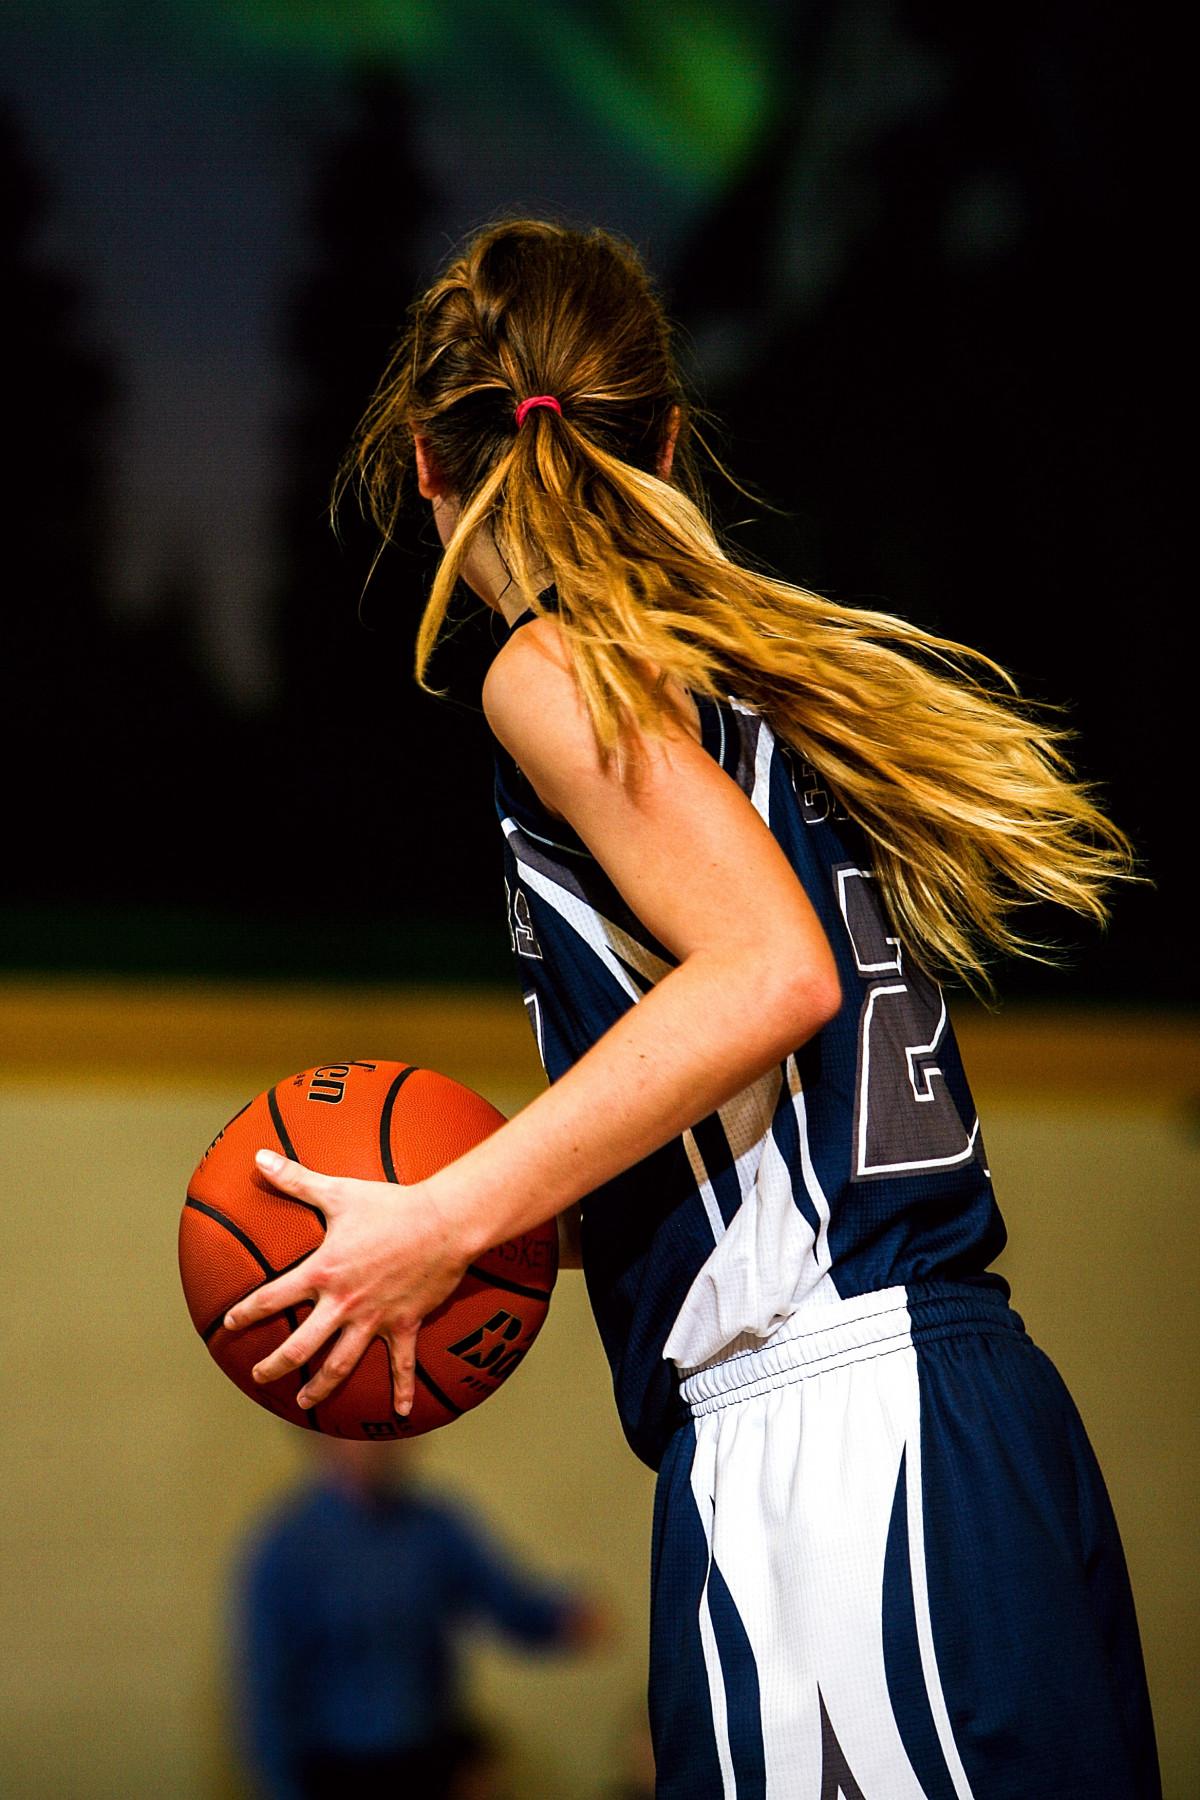 Девушки играют в баскетбол фото